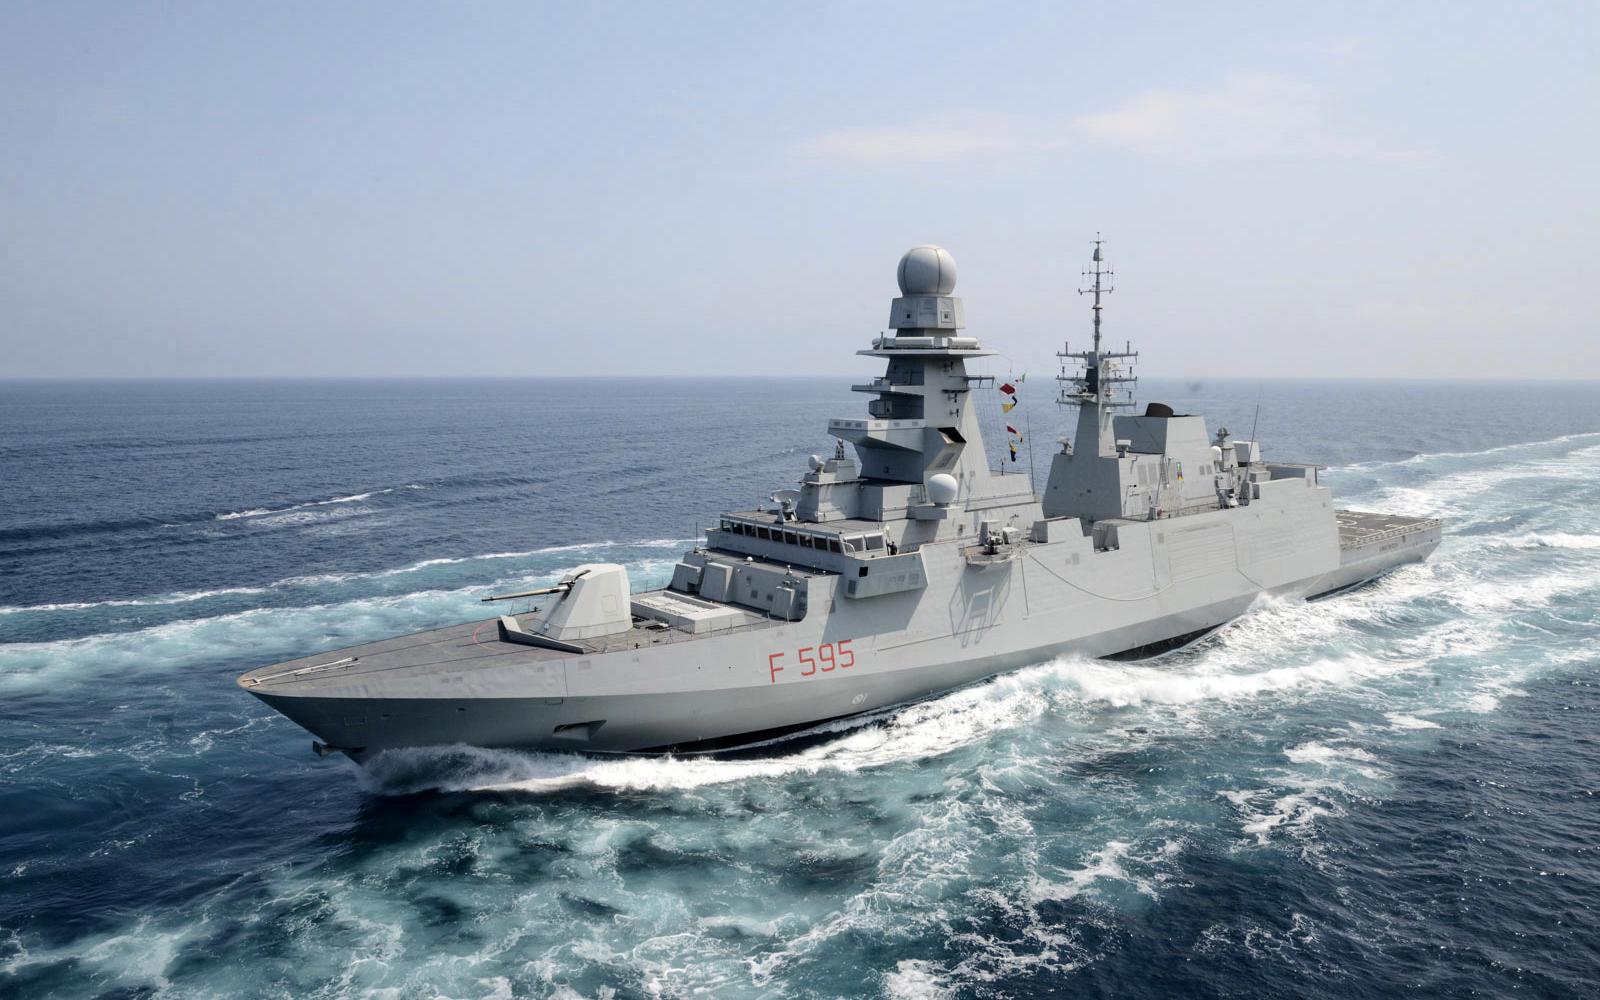 Le Maroc s'apprête à acquérir deux frégates italiennes